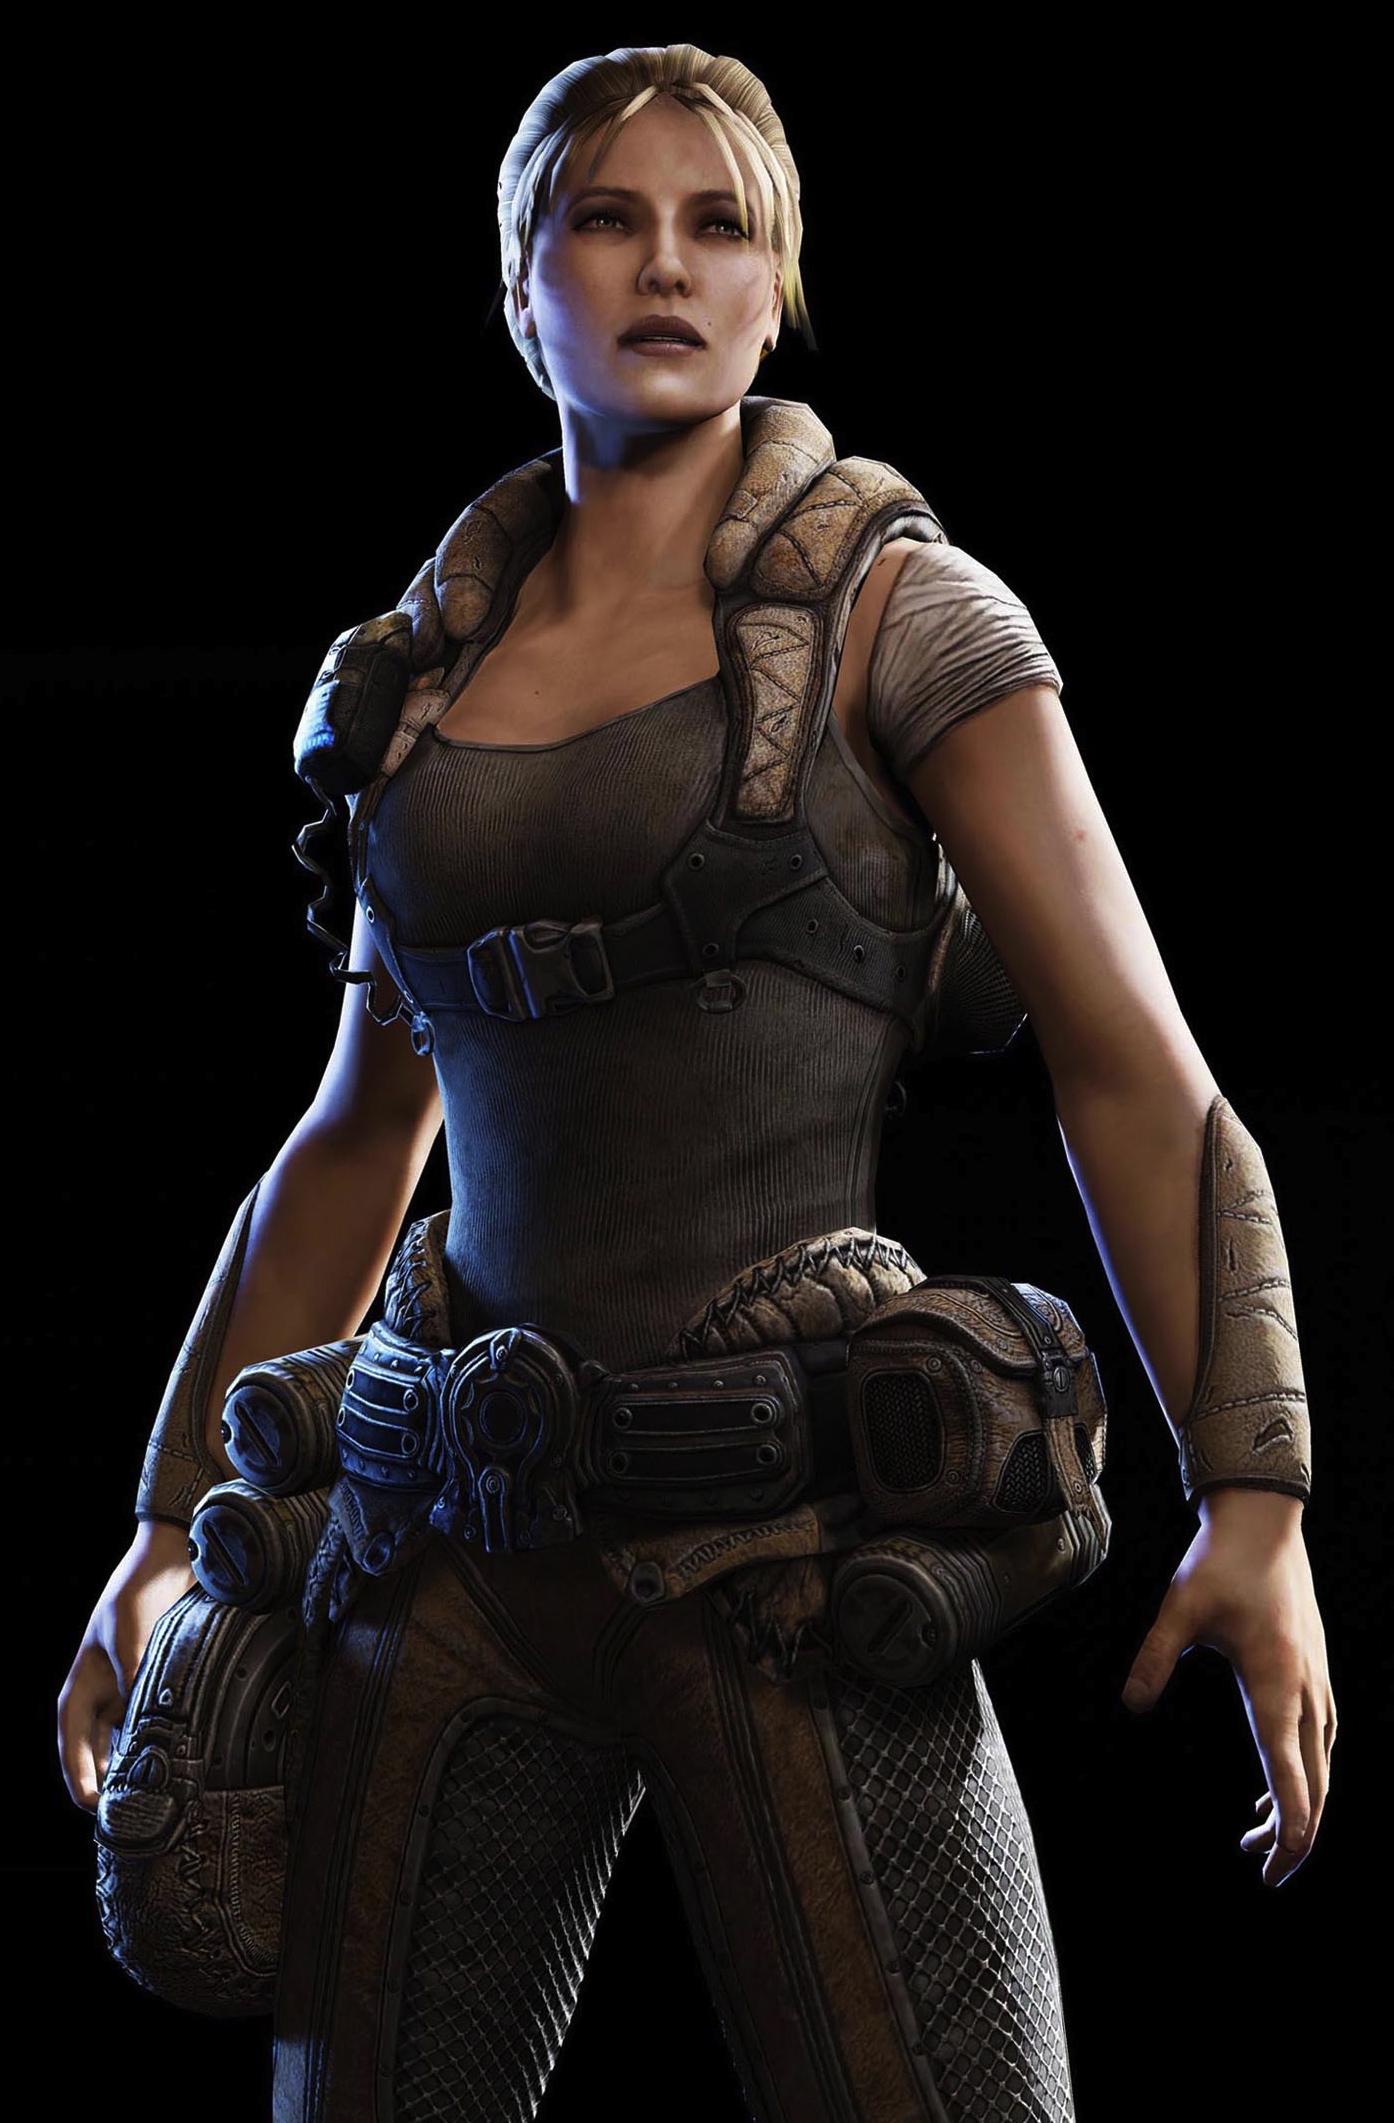 Anya Stroud - Gearspedia, the Gears of War wiki - Gears of War, Gears of War 2, weapons, and more